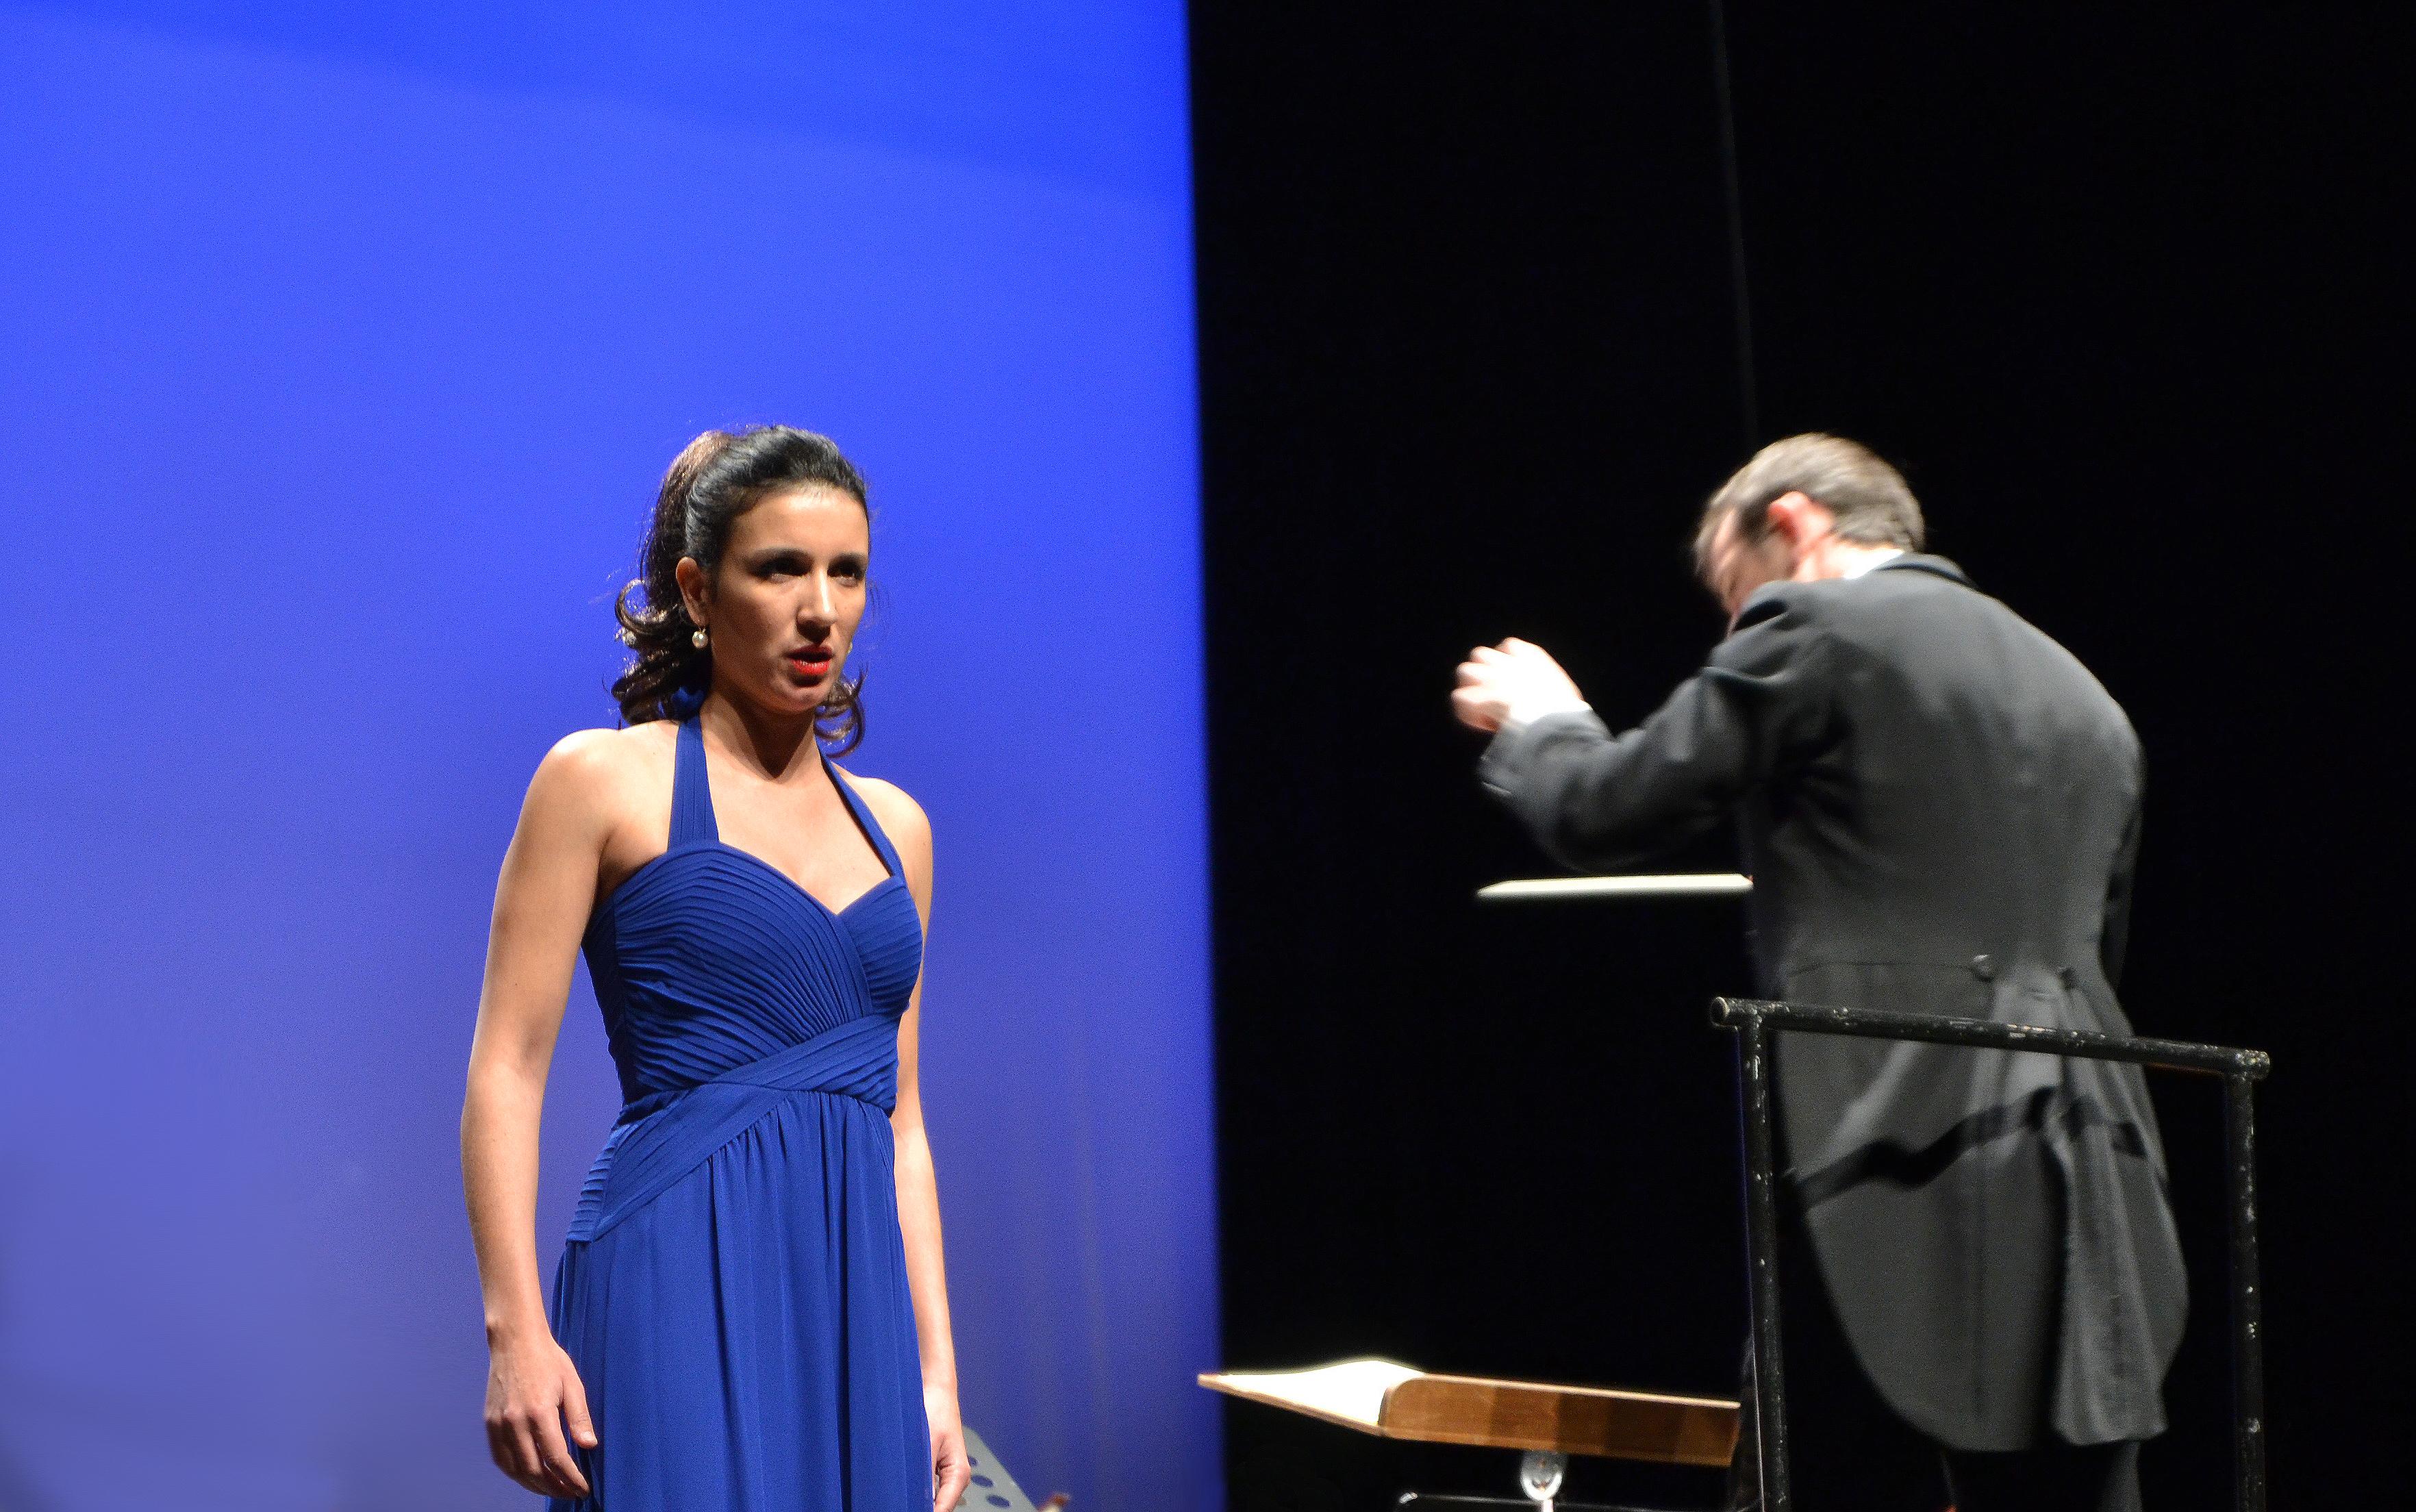 Récital d'Opéra, Olympia d'Arcachon